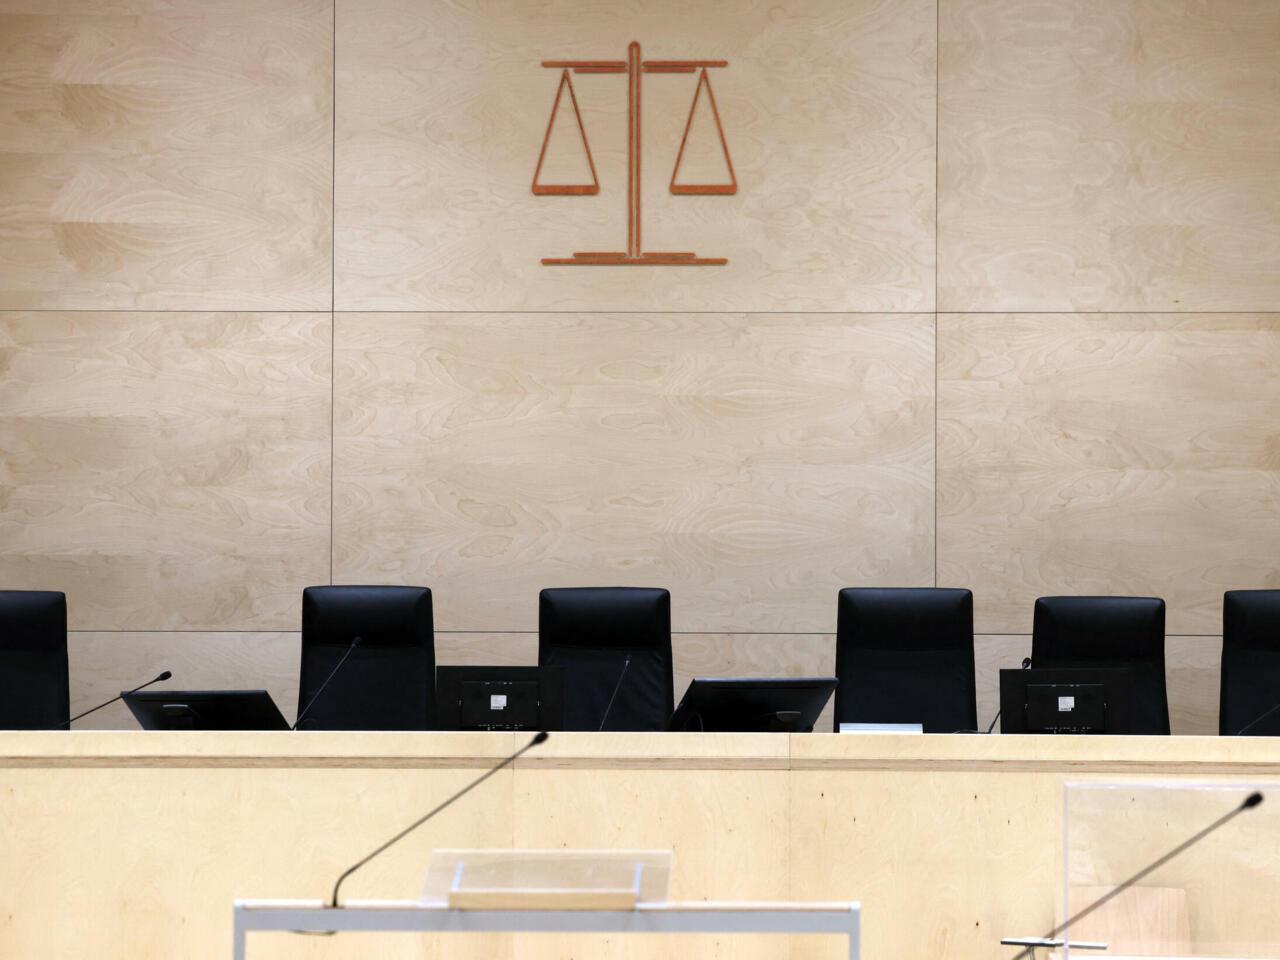 1800 истцов, 300 адвокатов — как будет проходить исторический суд по делу о  парижских терактах